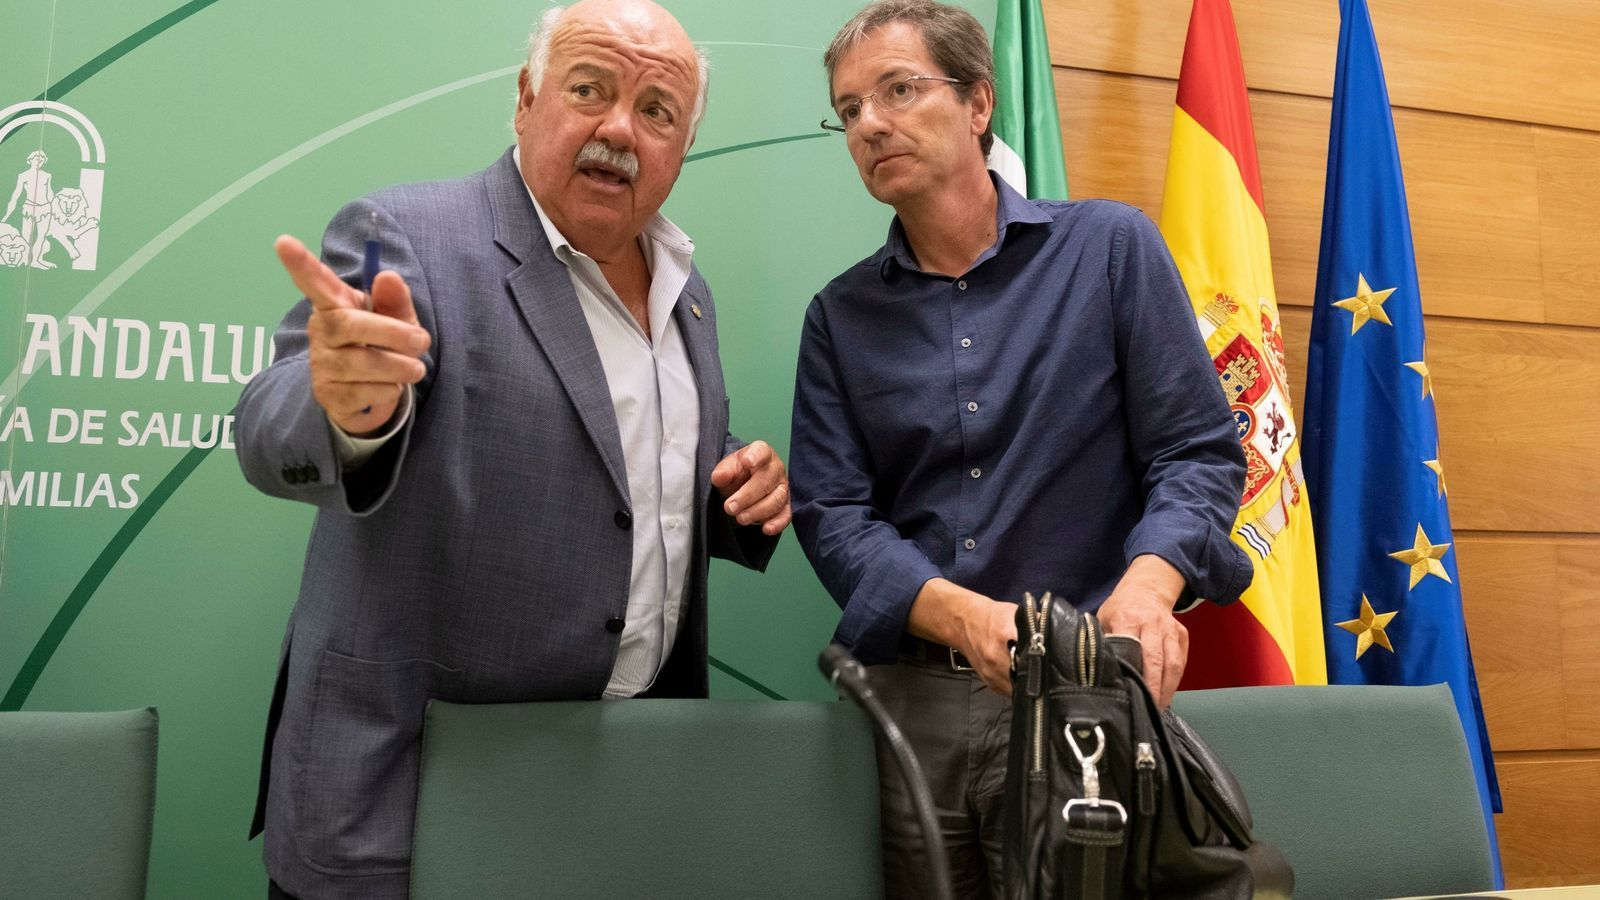 El conseller de Salut de la Junta d'Andalusia Jesús Aguirre -a l'esquerra- durant l'última compareixença per explicar l'evolució del brot de listeriosi que ha obligat a hospitalitzar 56 persones